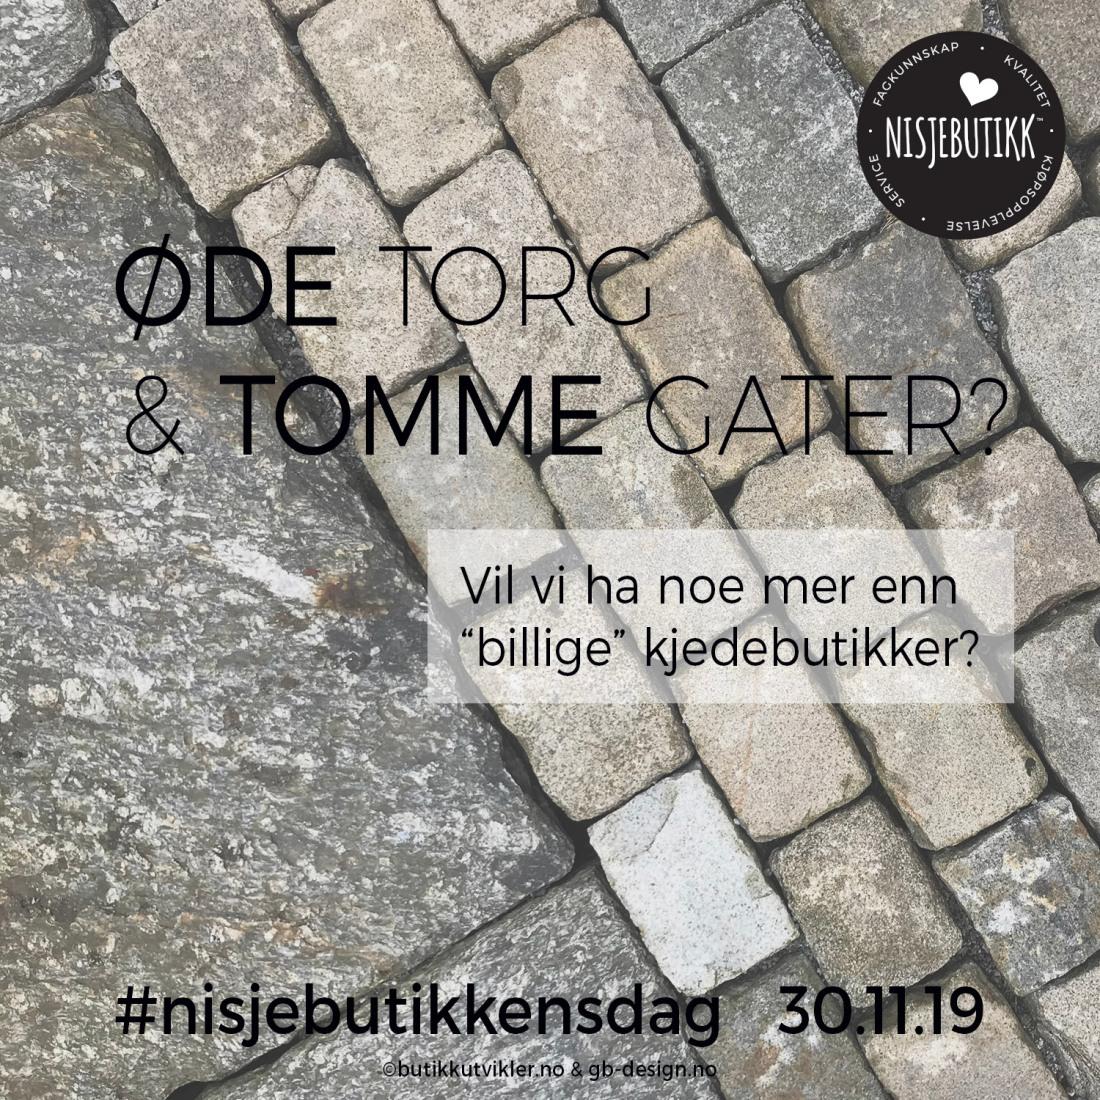 NISJEBUTIKKENSDAG_2019_innlegg_004